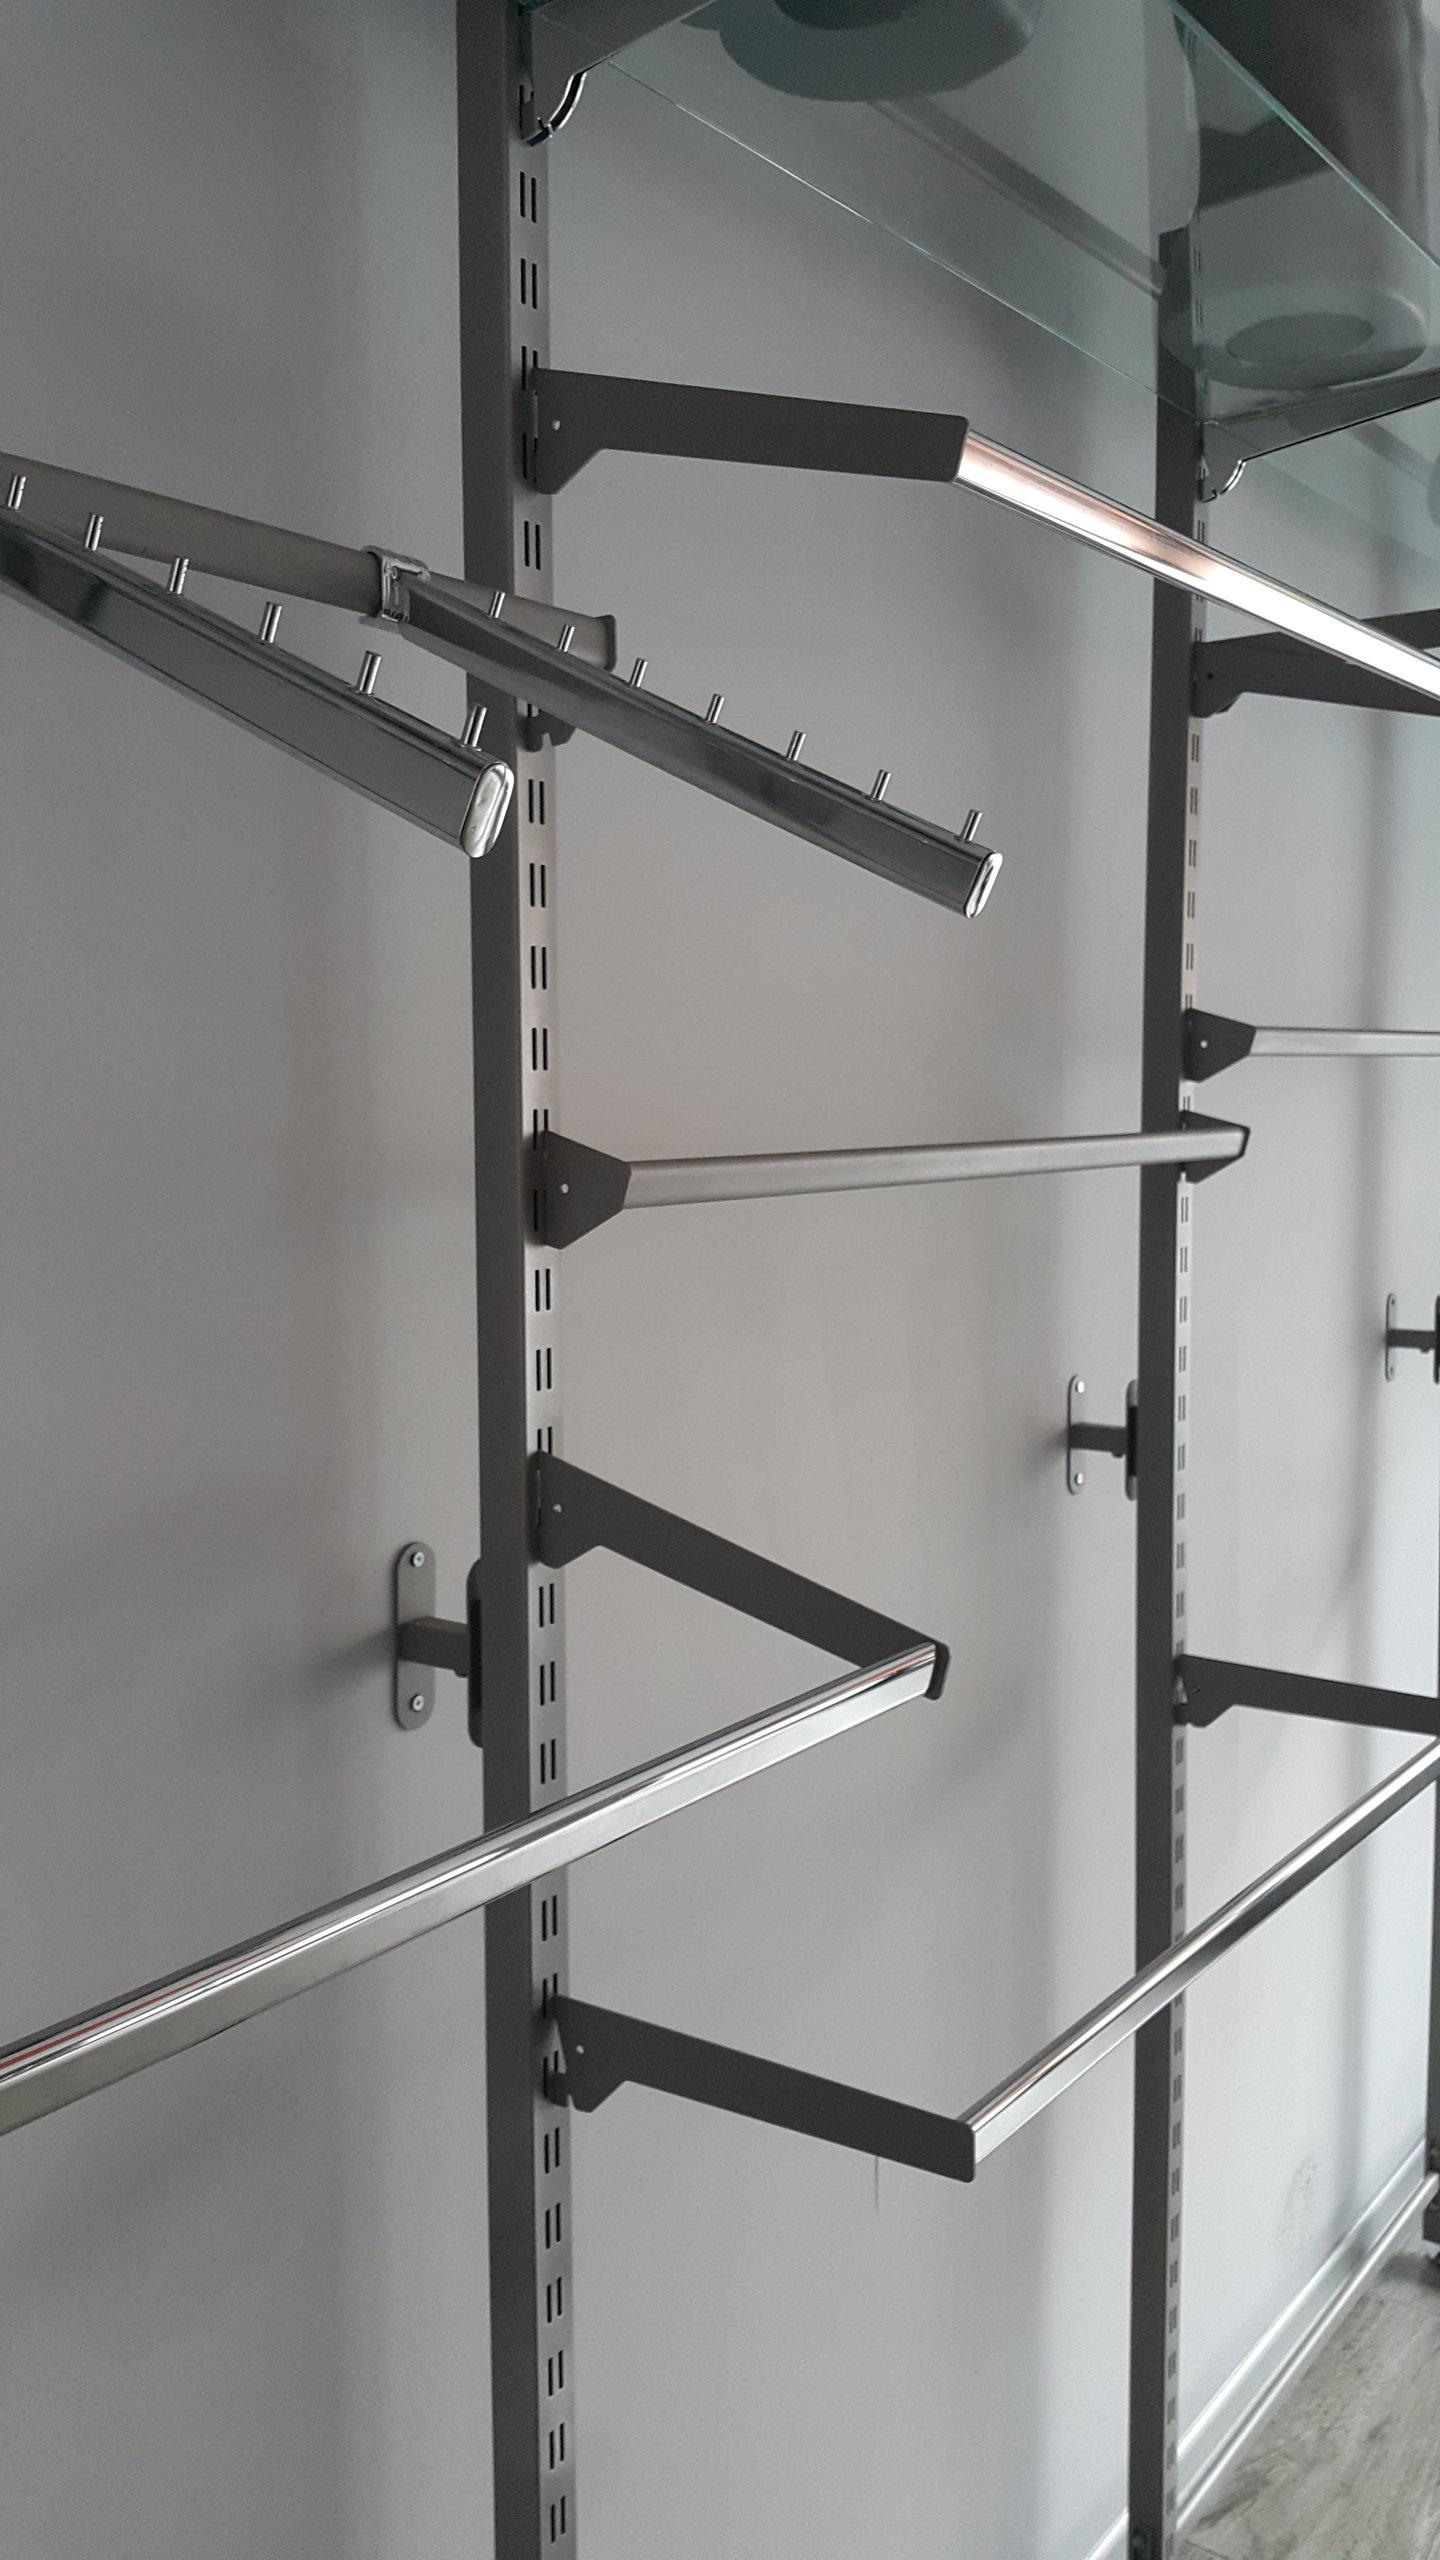 Regaly Sklepowe Systemowe Metalowe Do Odziezy 7231384490